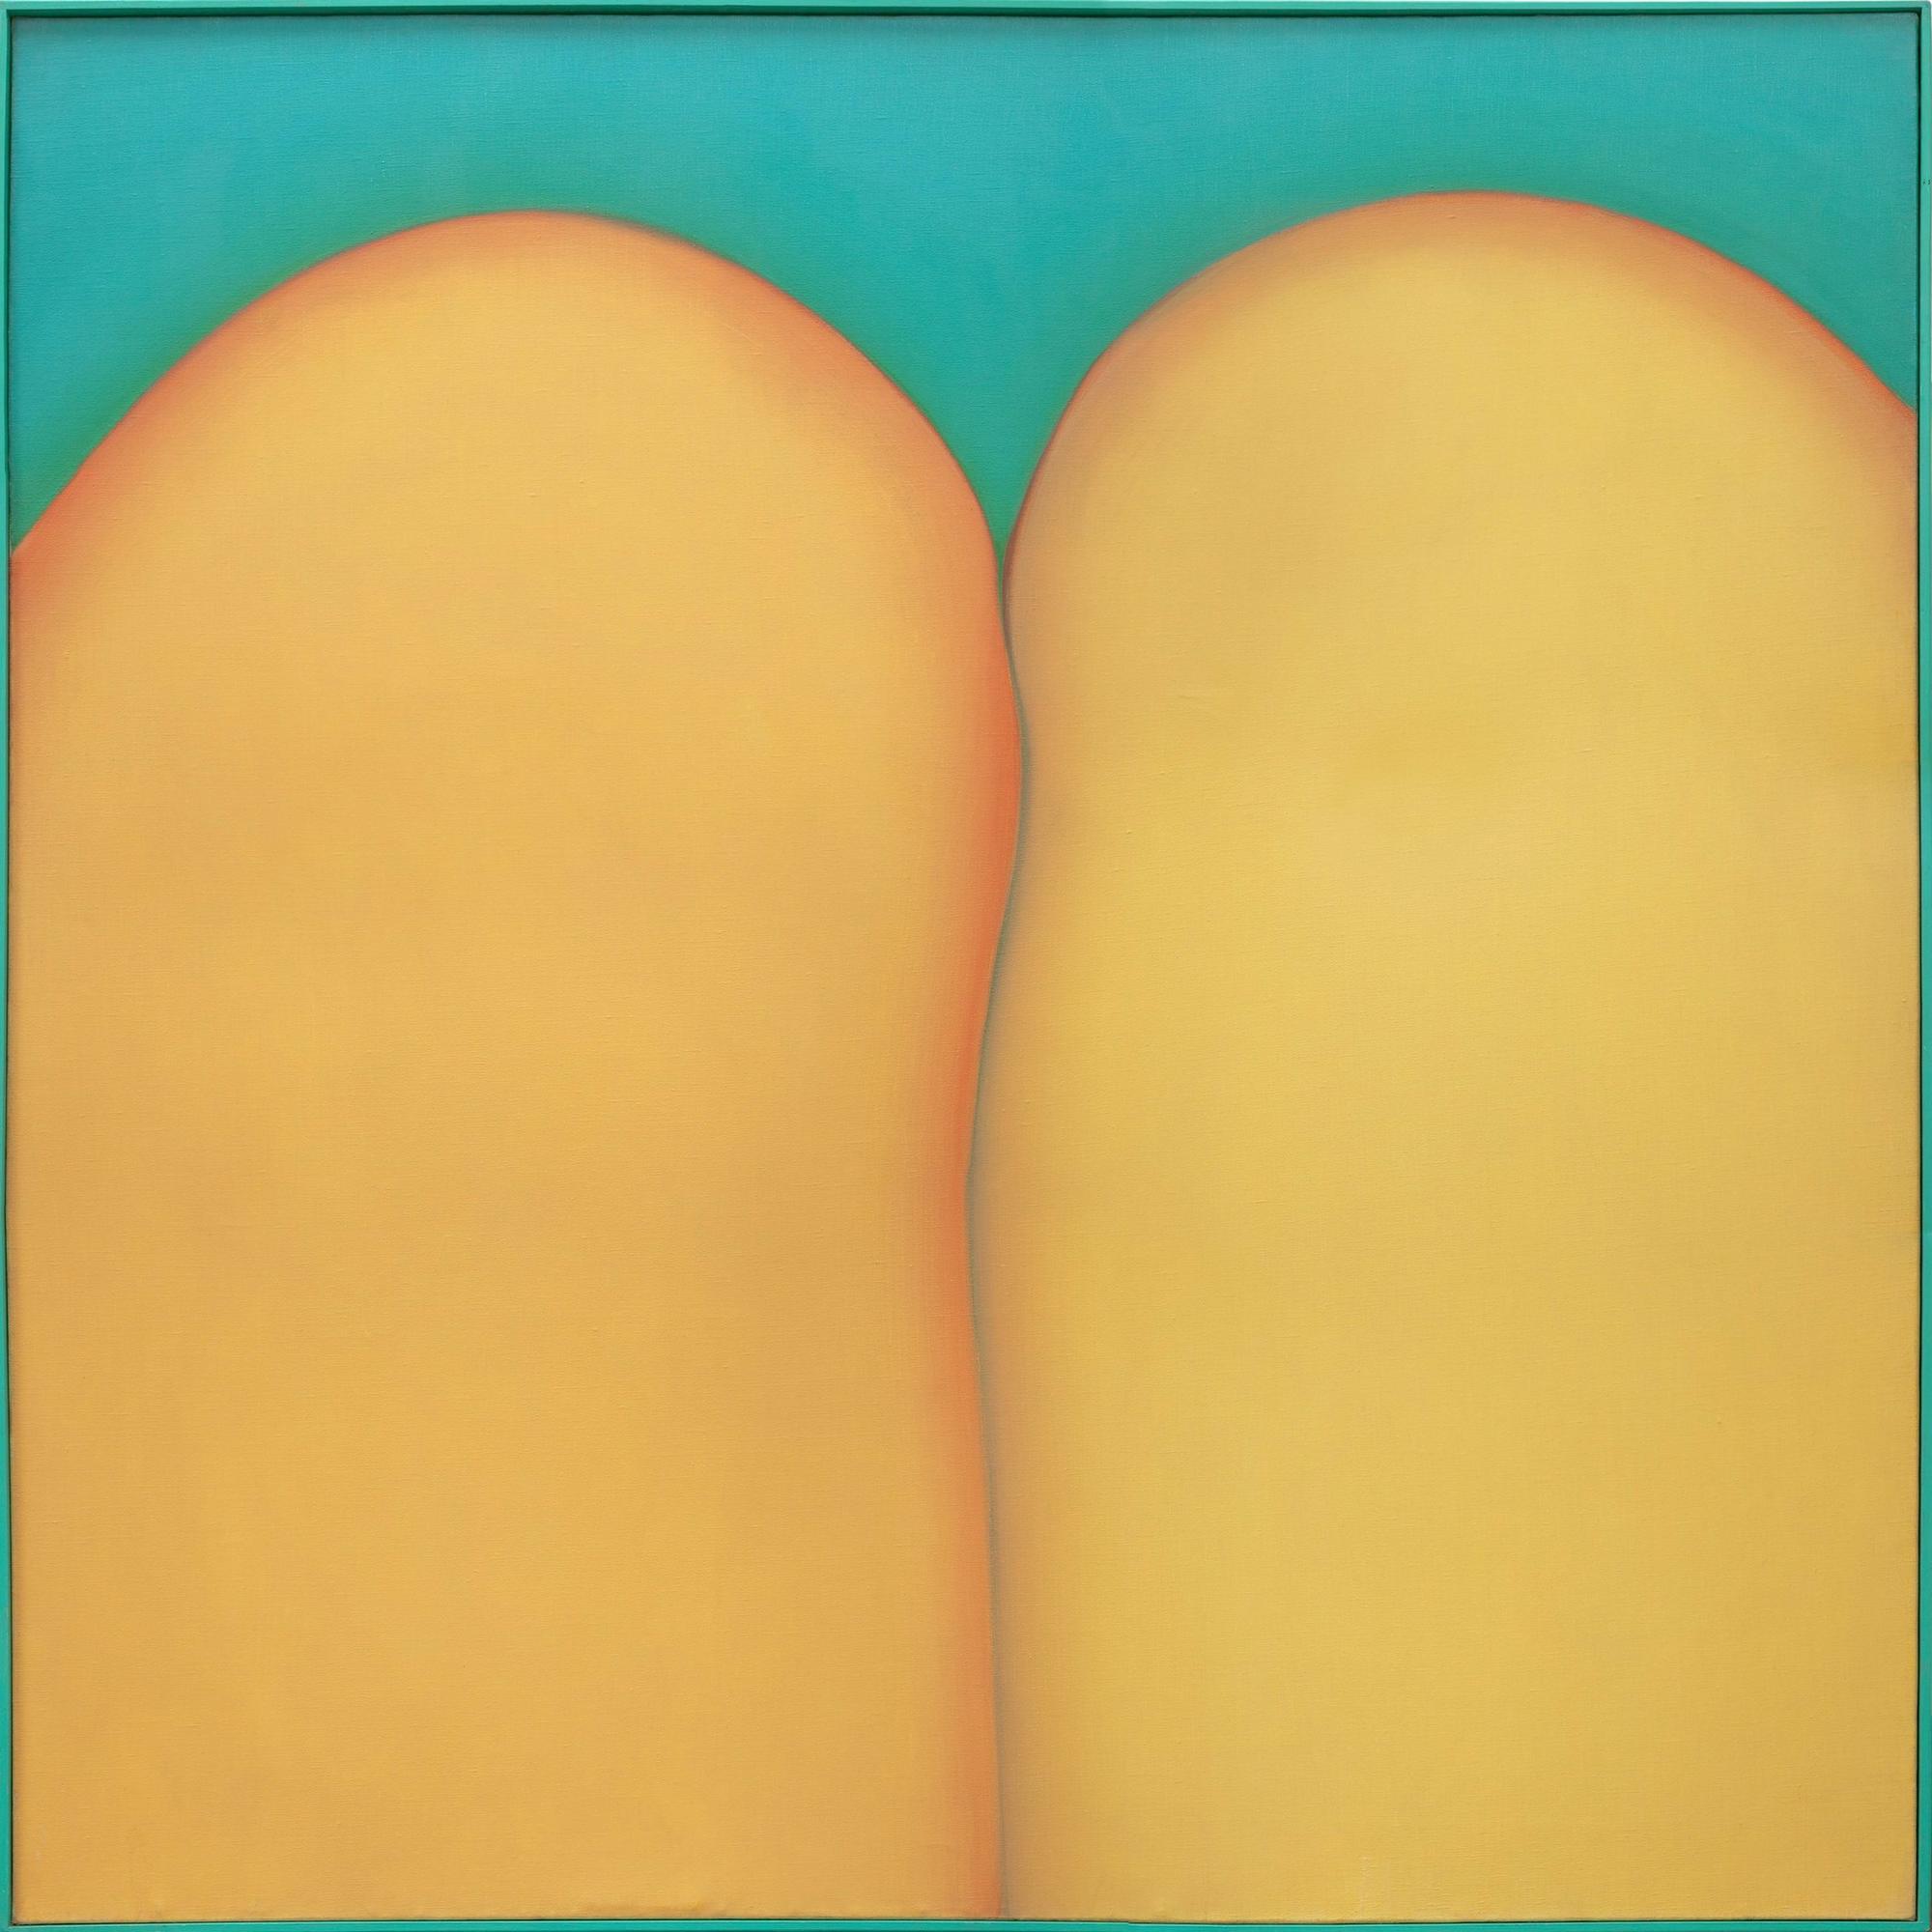 """Huguette Caland, """"Bribes de corps,"""" 1973, oil on linen"""